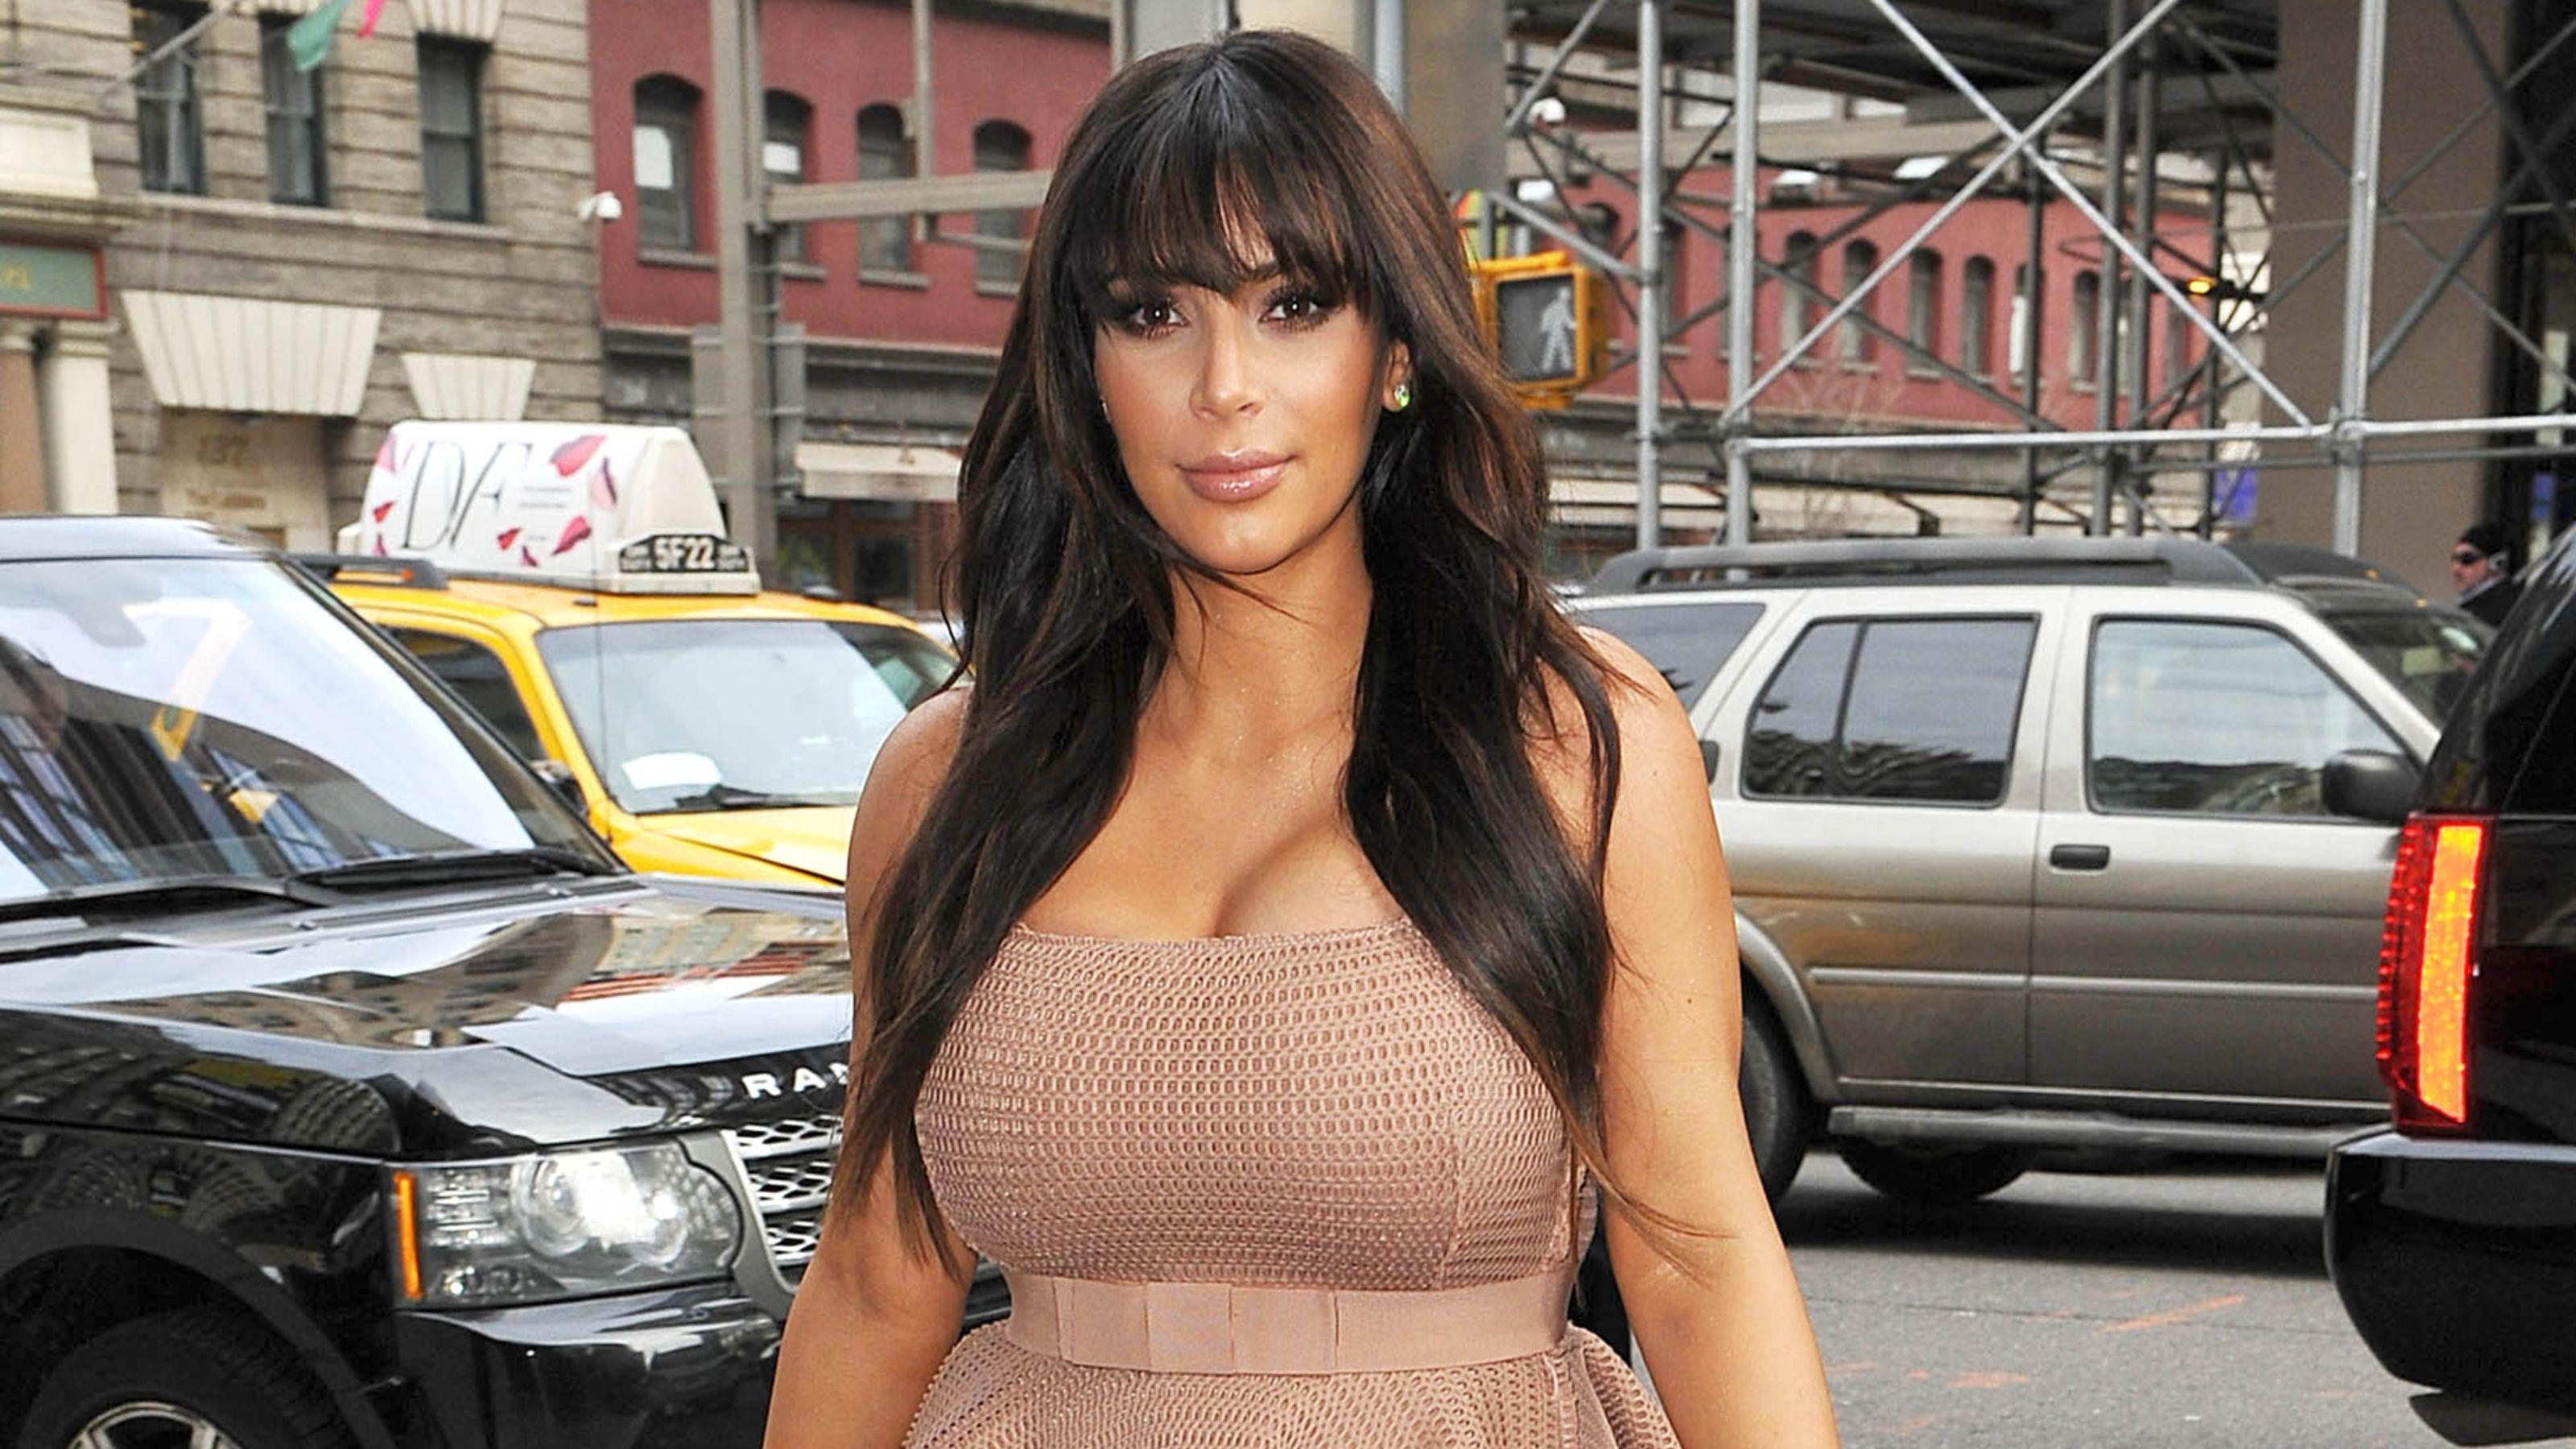 Kim Kardashian Wallpaper For Laptop